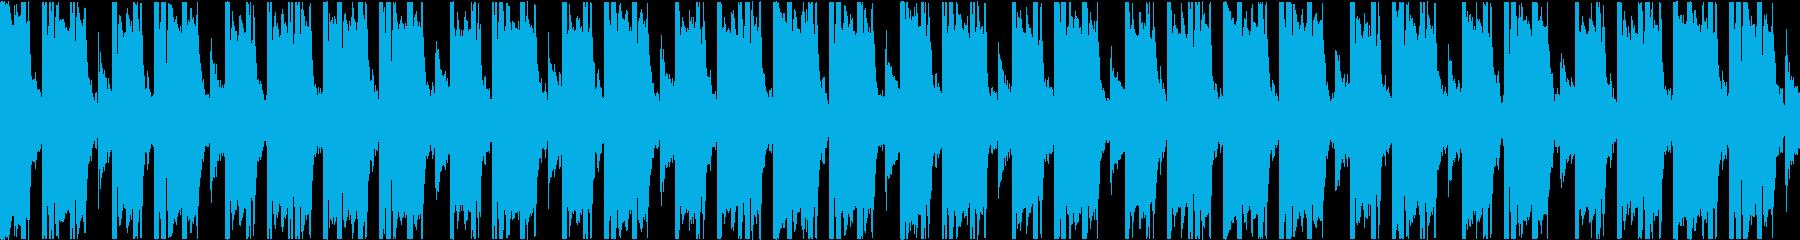 不気味な雰囲気のトラップビート16小節の再生済みの波形